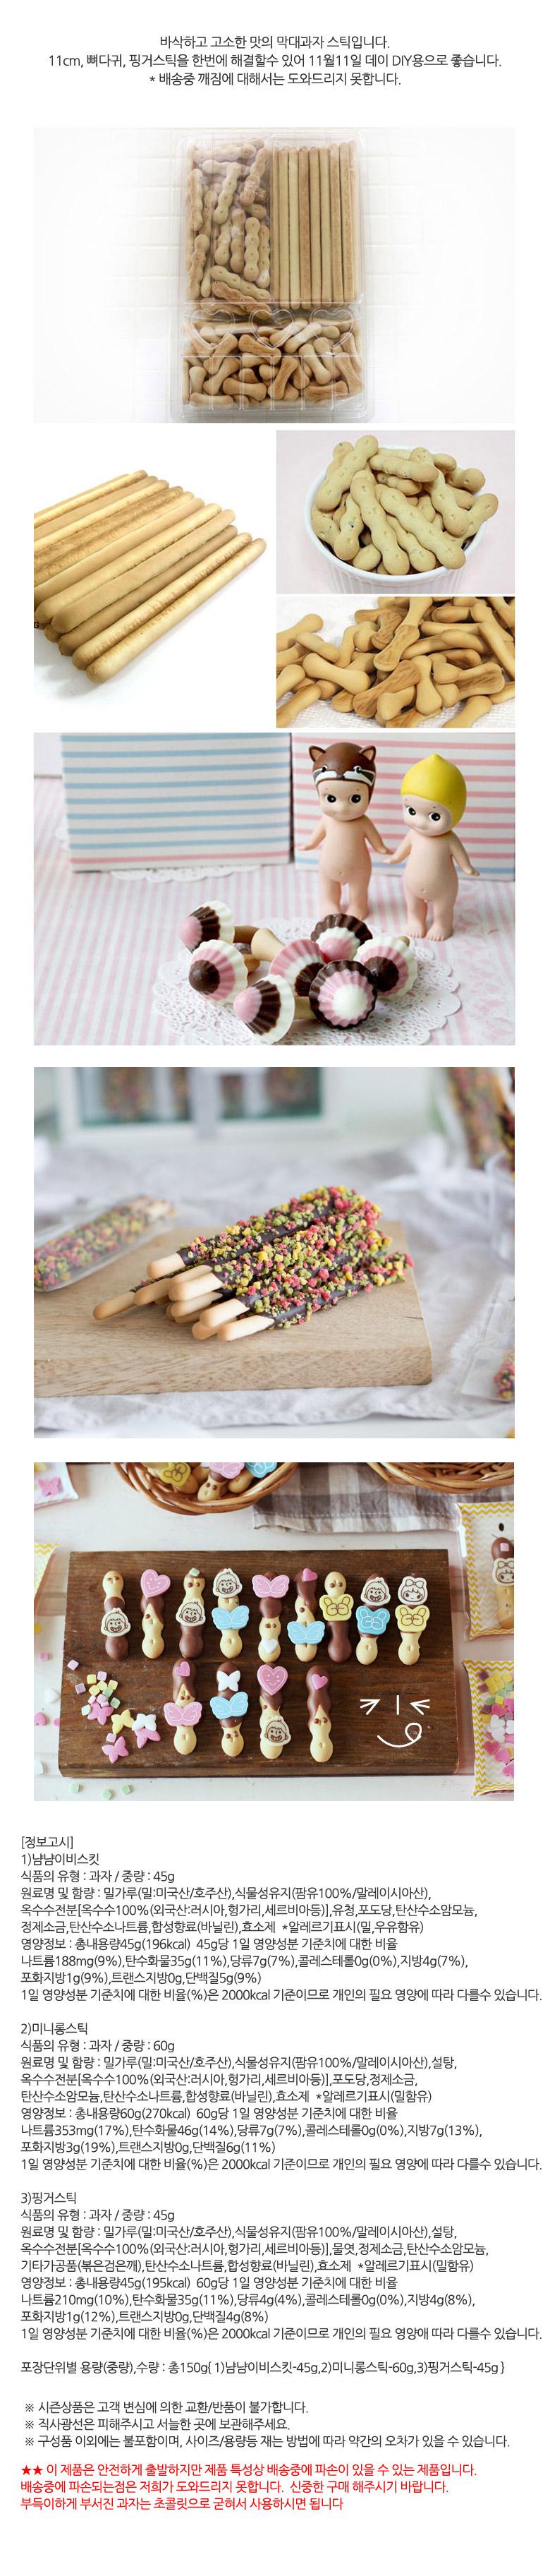 과자세트(11cm+뼈다귀+핑거) - 이홈베이킹, 2,900원, DIY세트, 막대과자 만들기